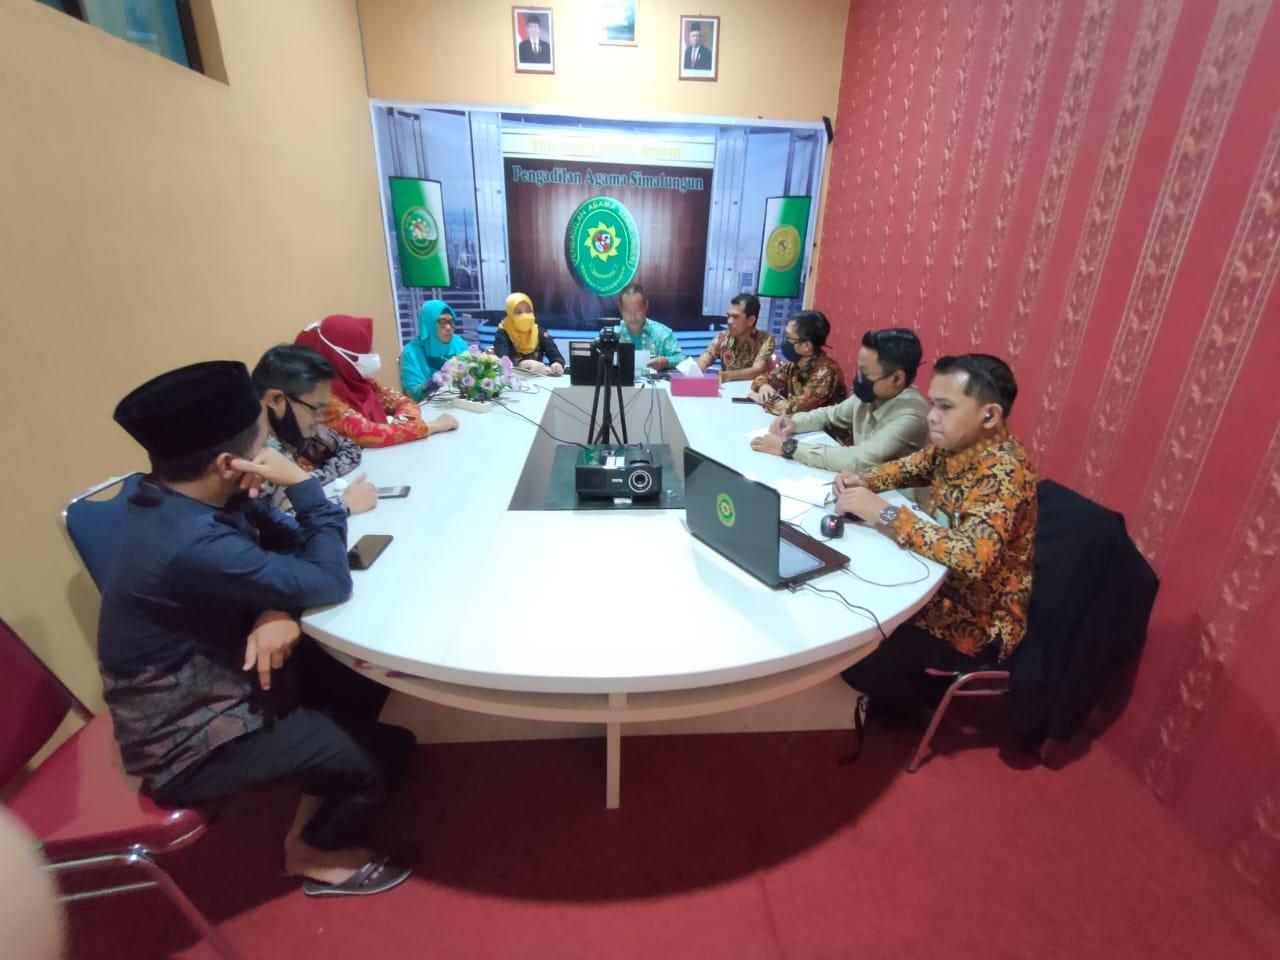 Pembinaan dan Pengawasan Berkelanjutan Melalui Virtual Meeting di Pengadilan Agama Simalungun | (14/7)